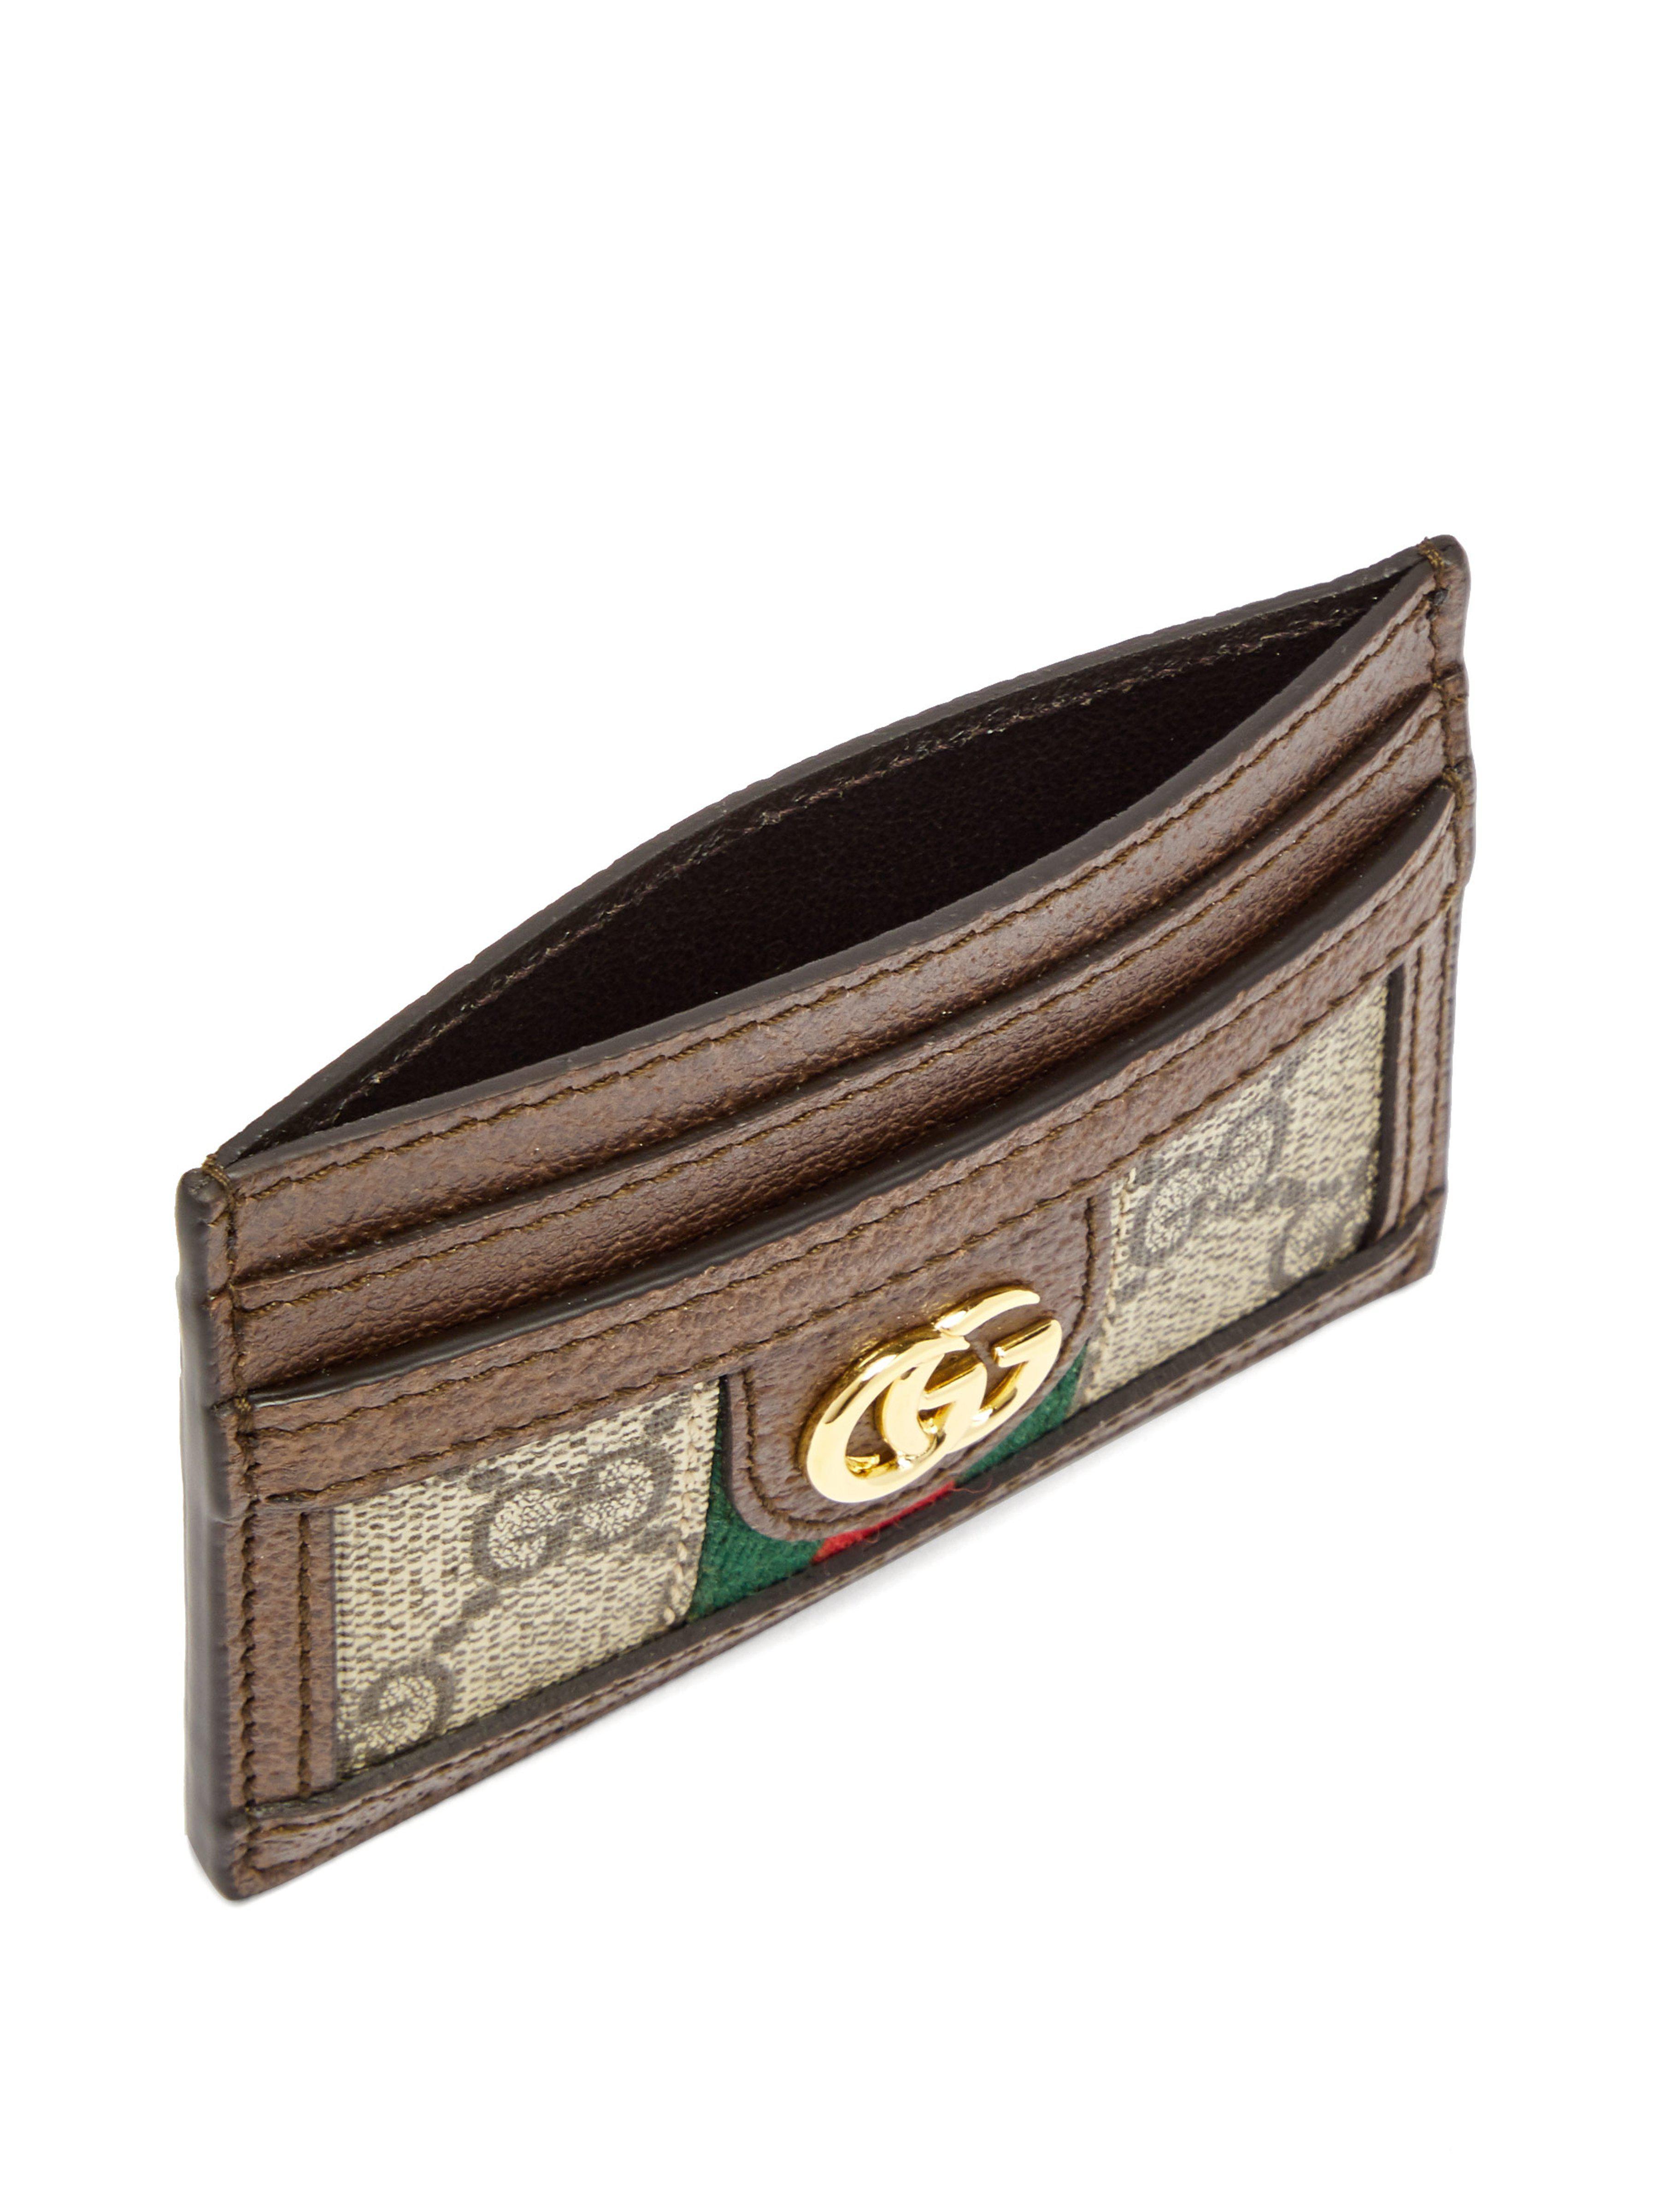 bb93a346cd7d Lyst - Porte-cartes en cuir à plaque GG Ophidia Gucci en coloris Marron